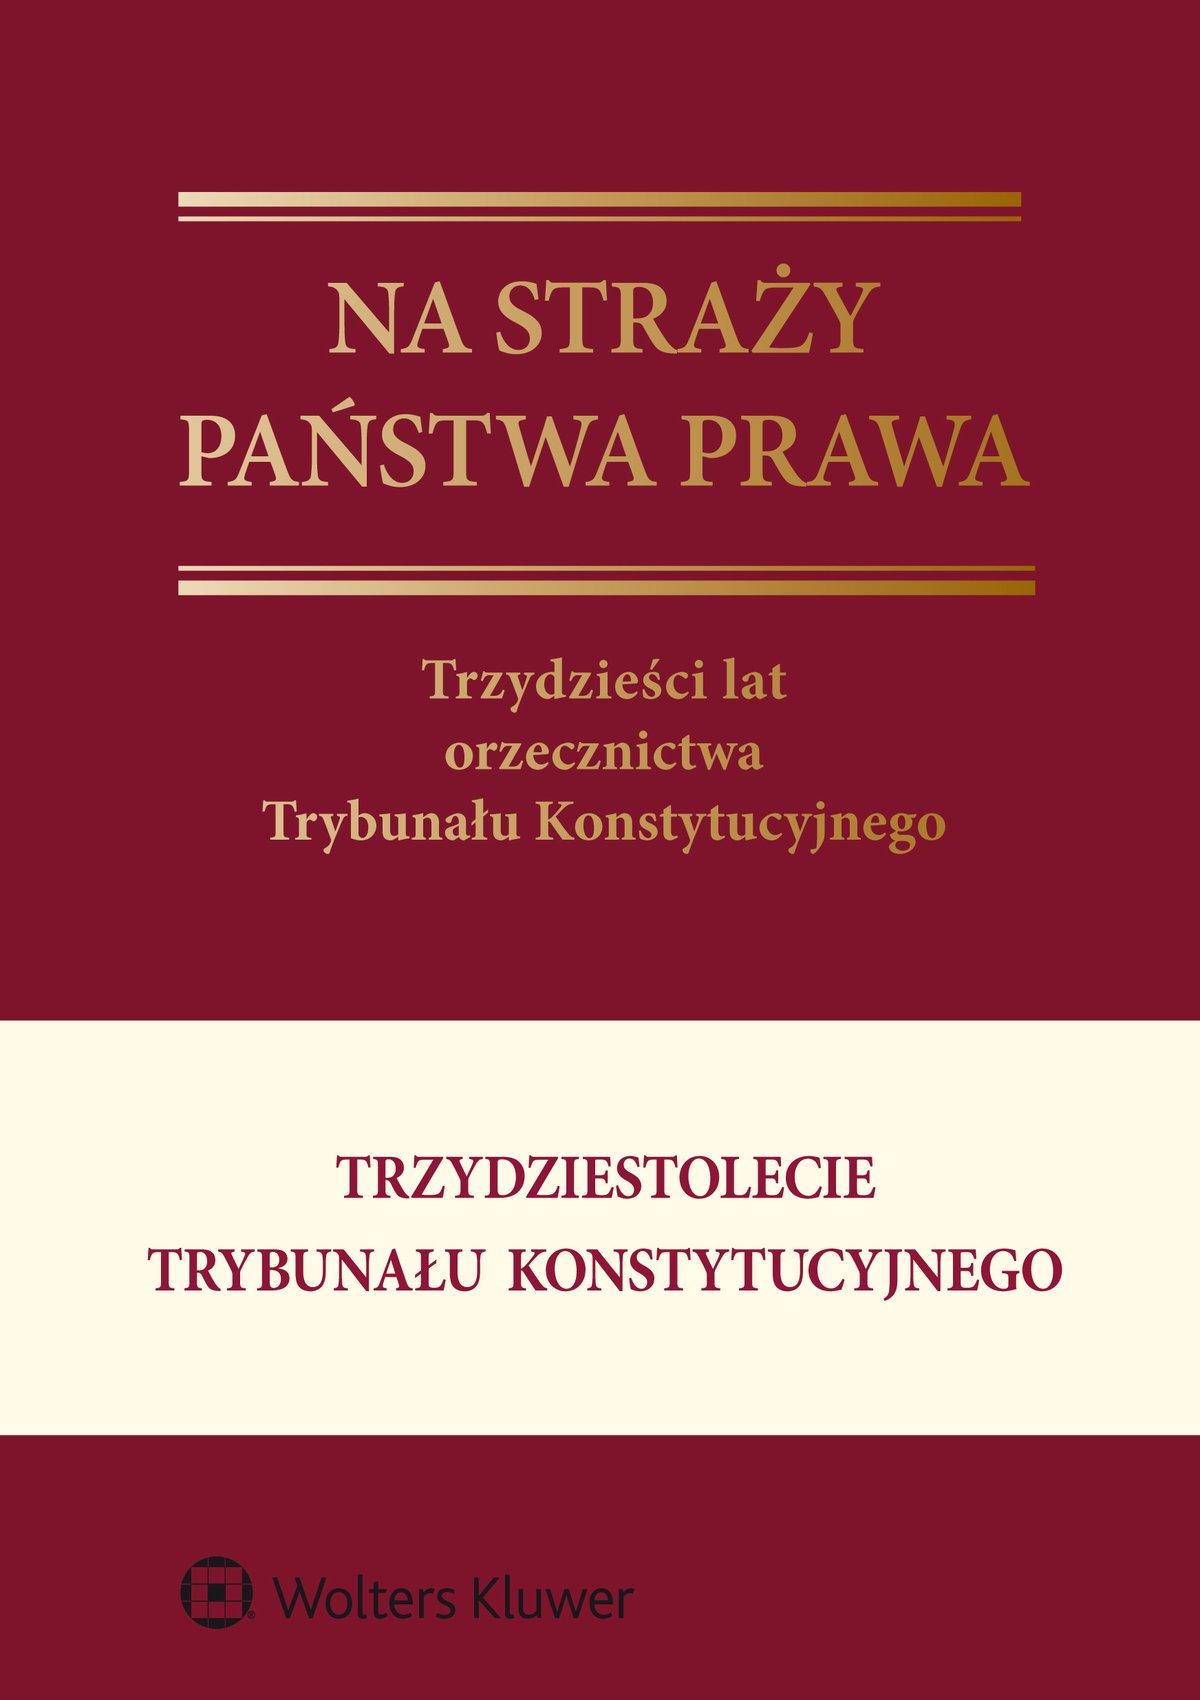 Na straży państwa prawa. Trzydzieści lat orzecznictwa Trybunału Konstytucyjnego - Ebook (Książka PDF) do pobrania w formacie PDF